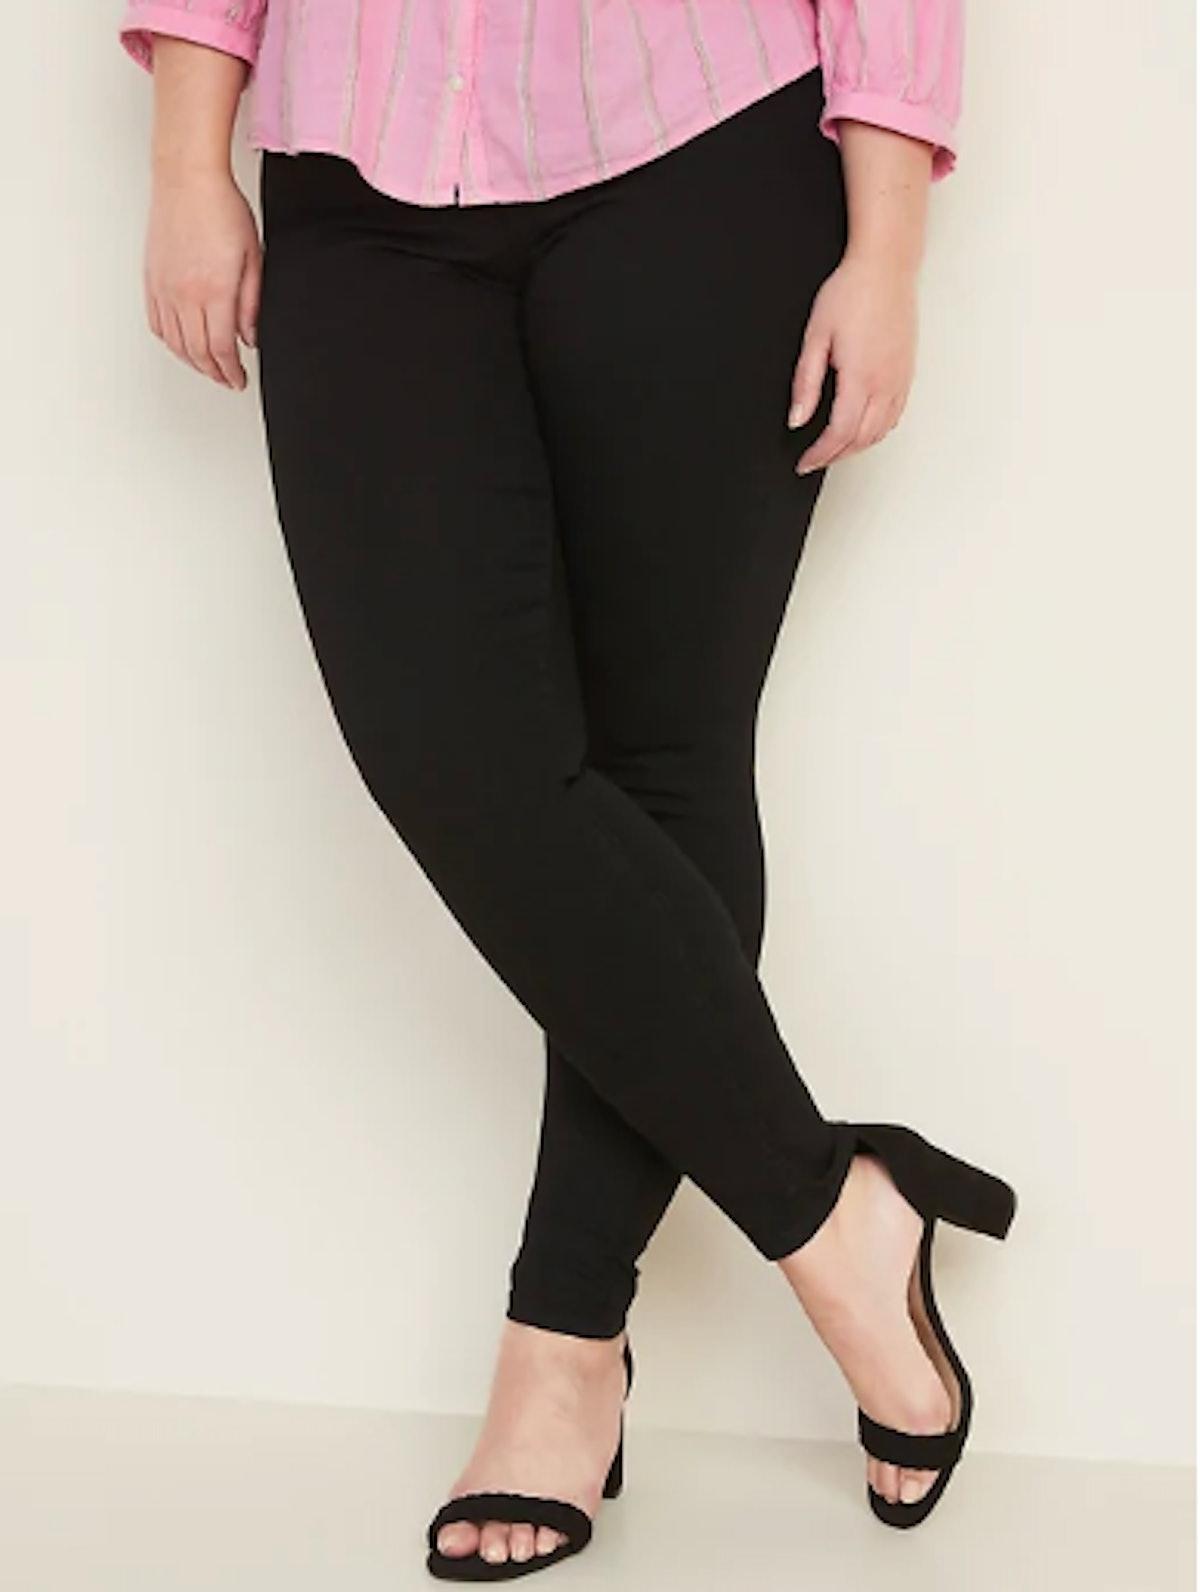 Super Skinny Black Pull-On Jeggings for Women